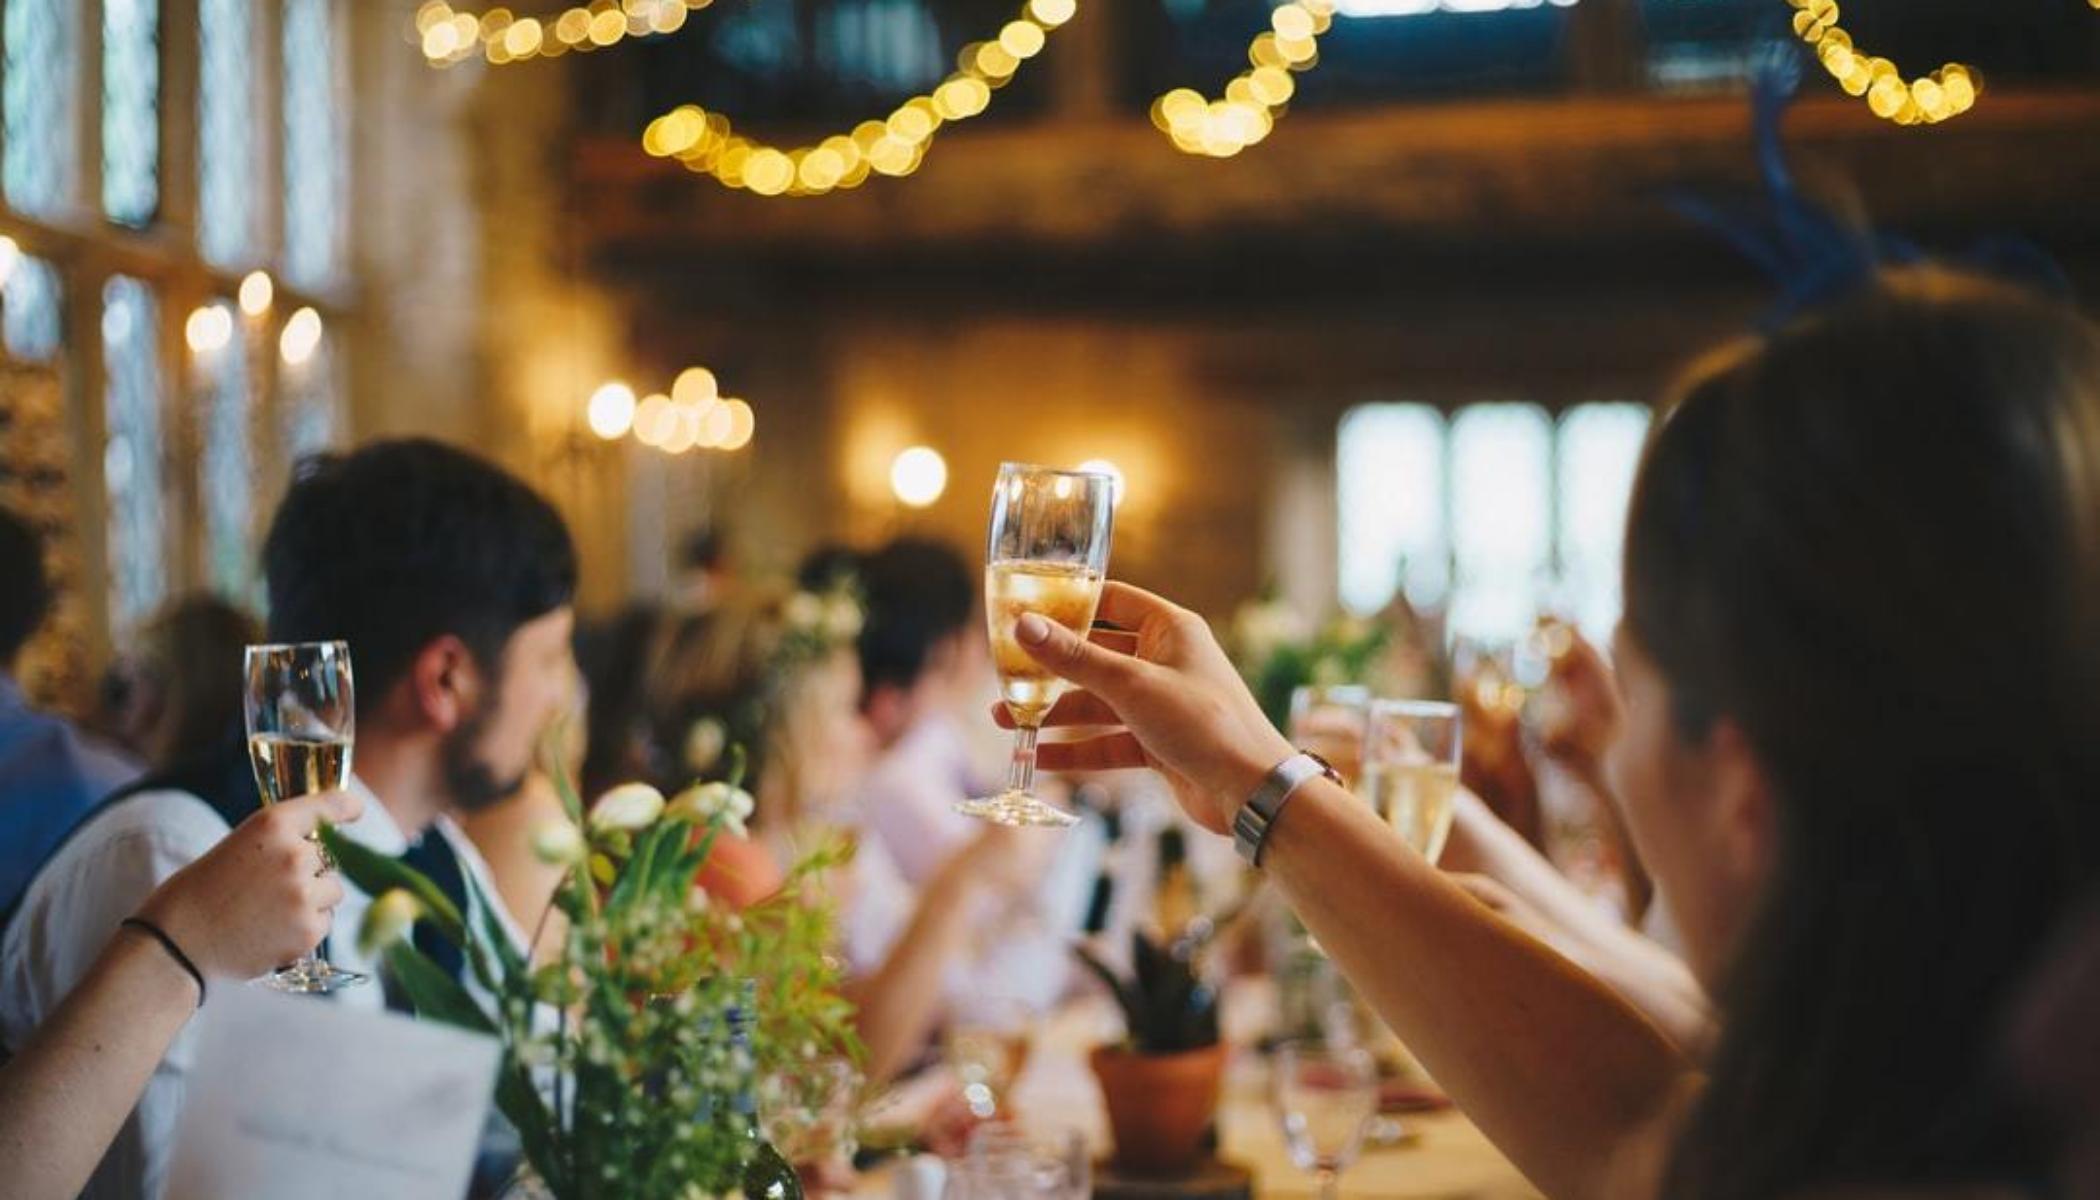 Bedste restaurant har høj kundetilfredshed